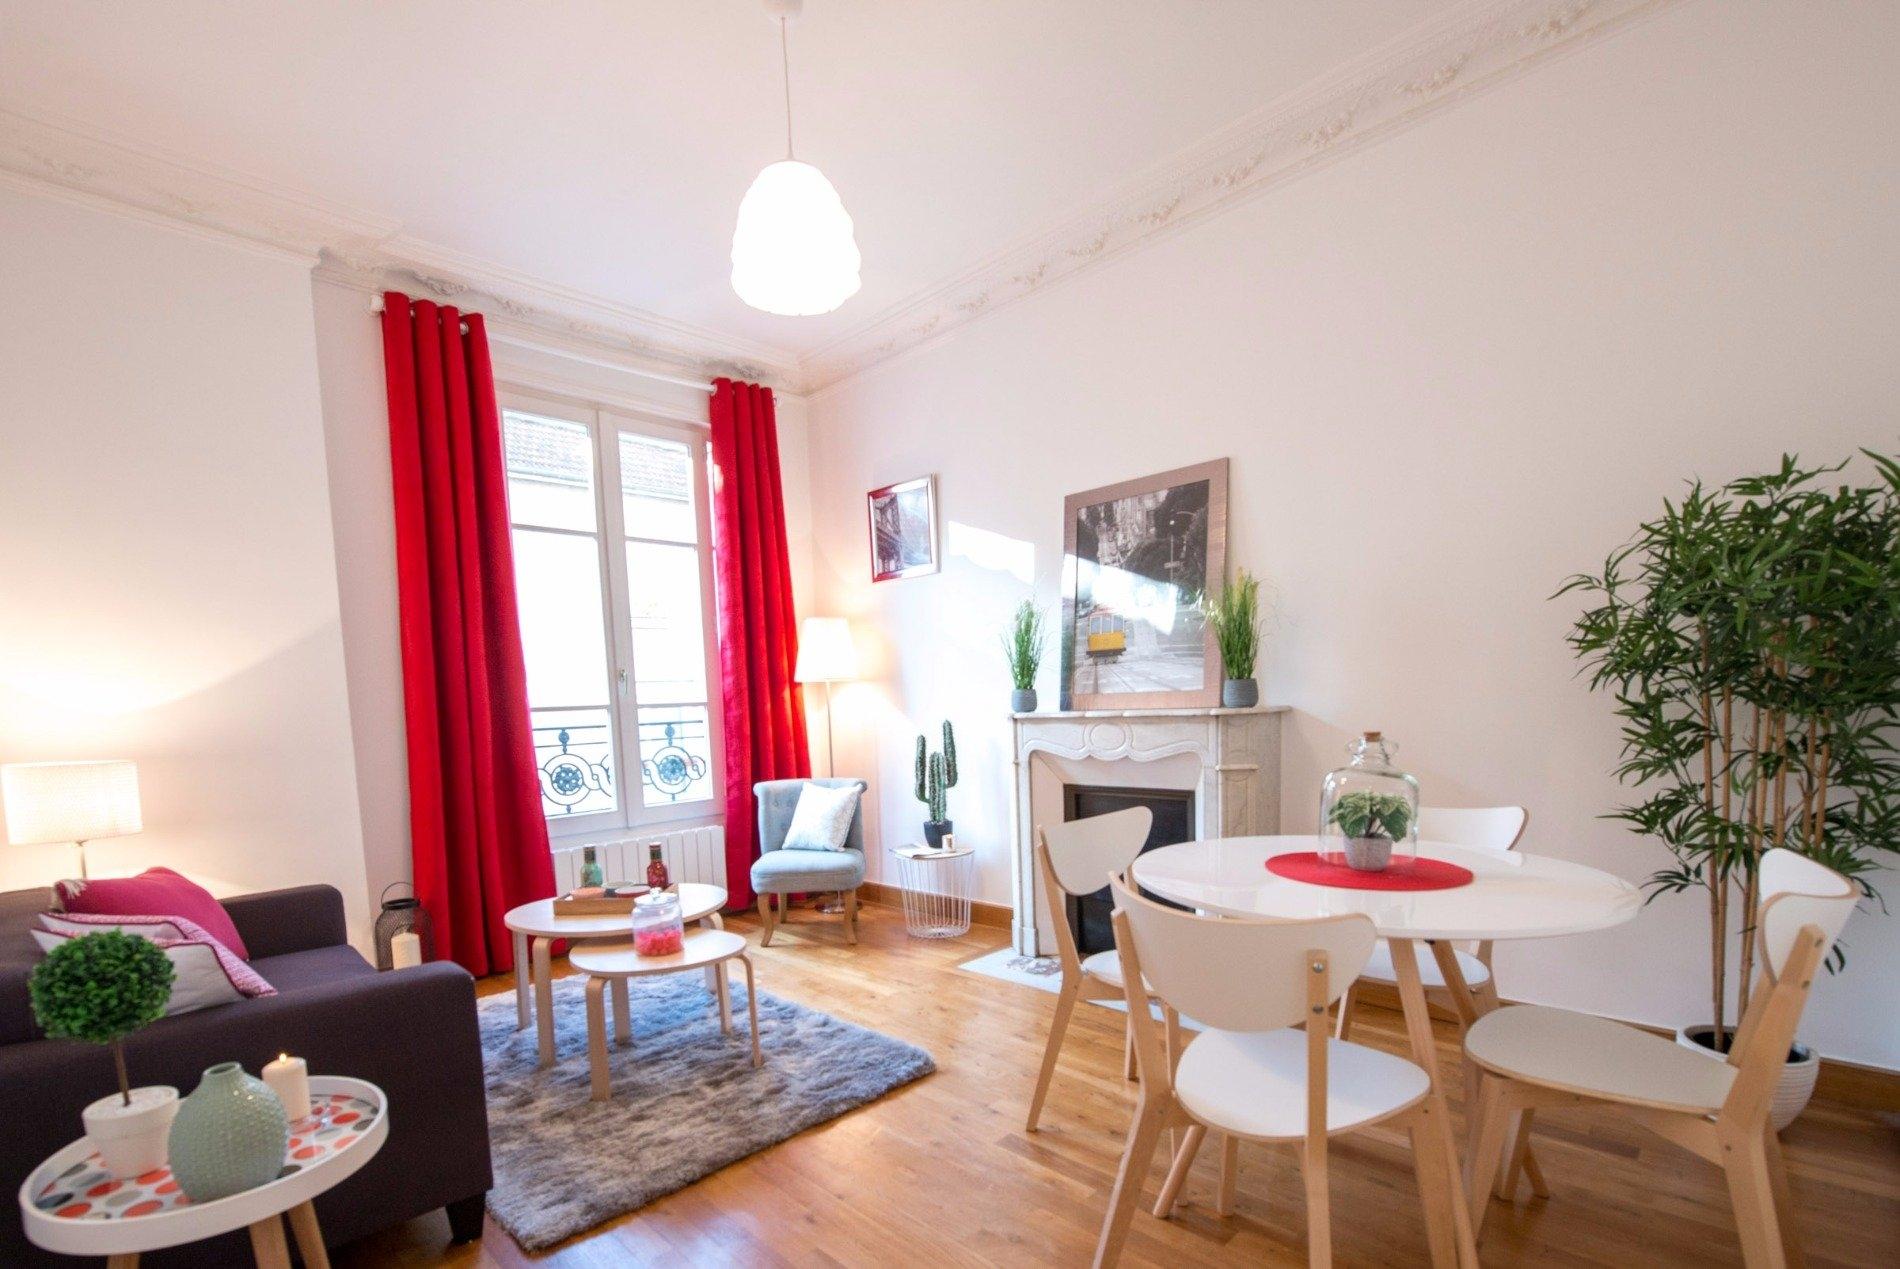 Appartement Reims 2 Pièces 39.69 m2 - 1